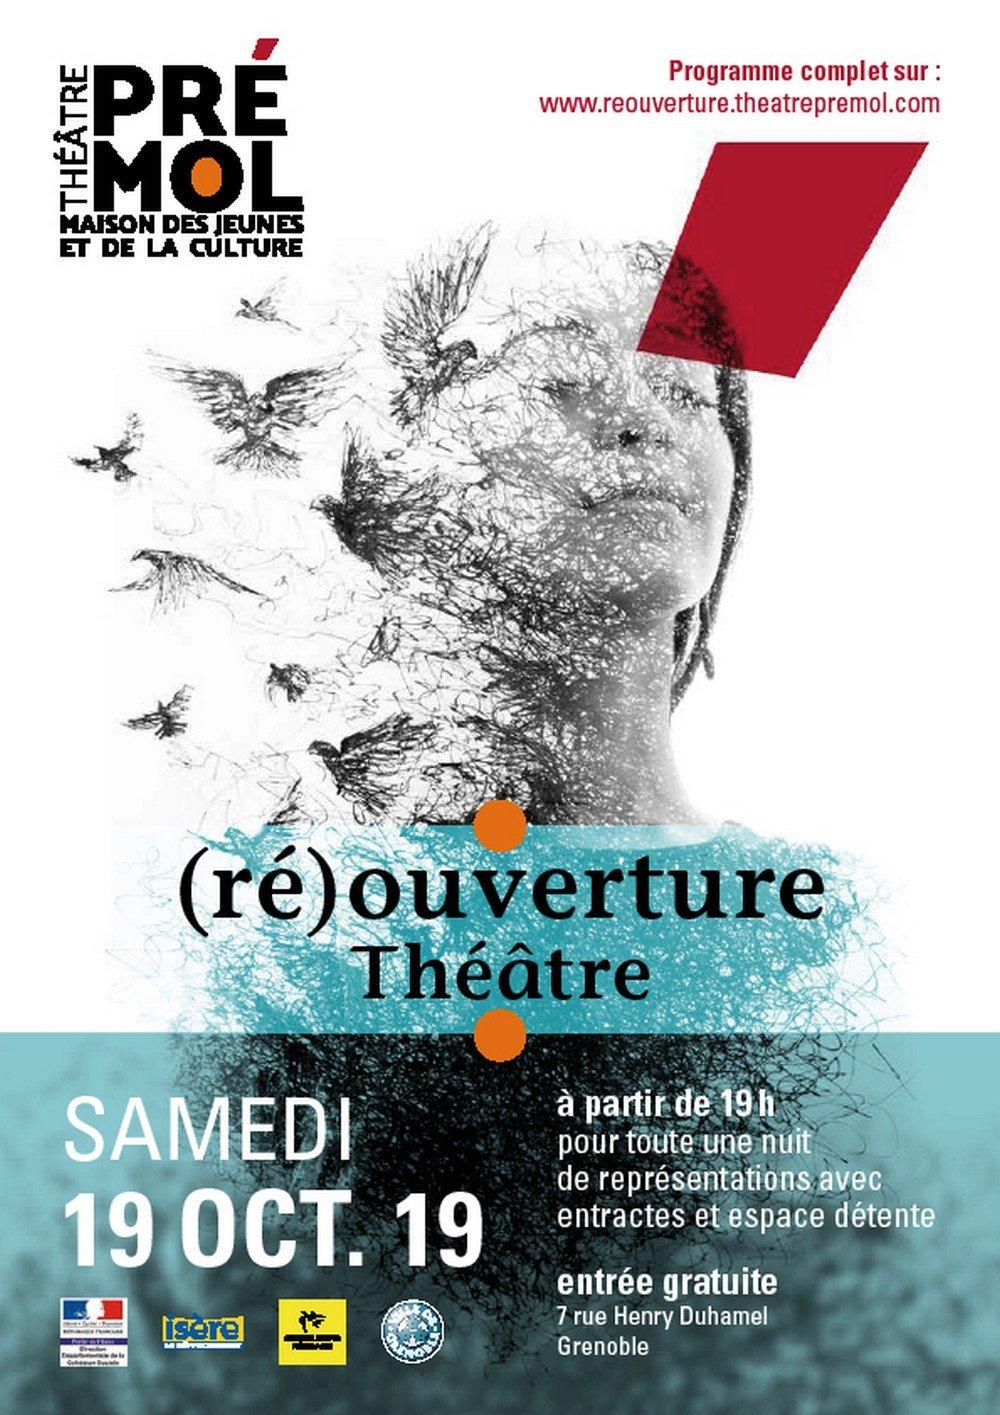 Théâtre Prémol : culture(s) sur scène à Grenoble Mondaines Théâtre Grenoble